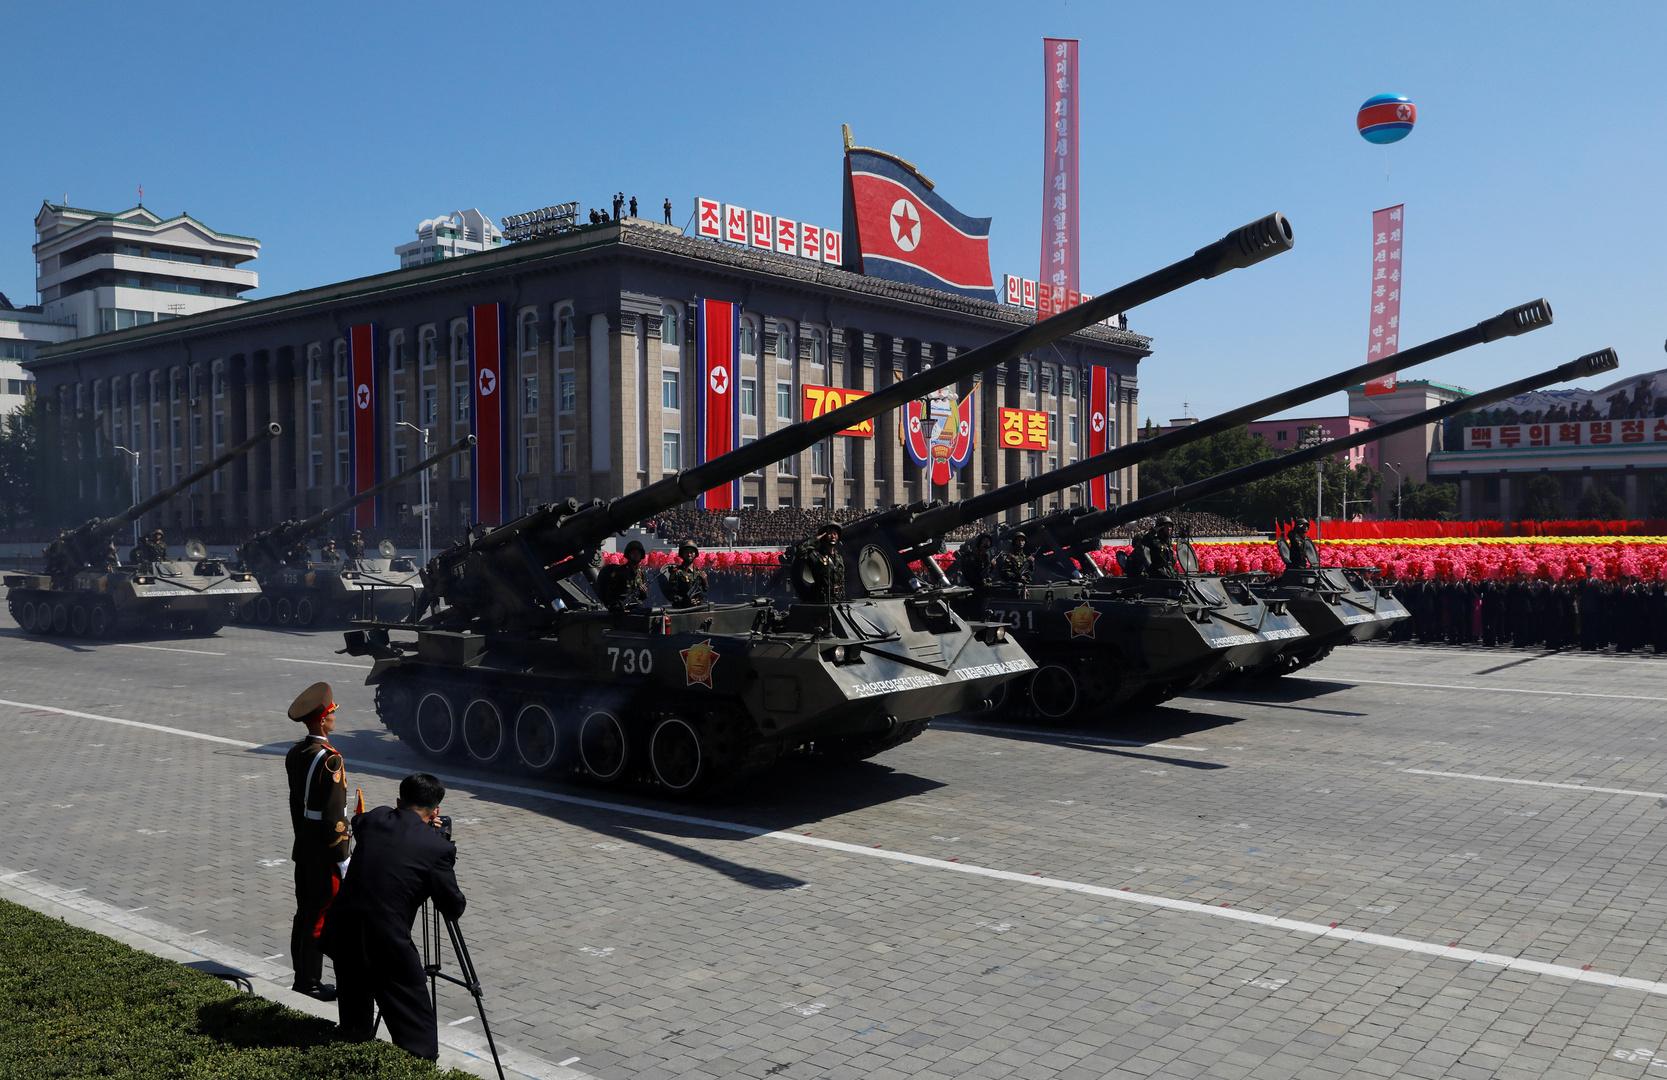 كوريا الشمالية تحذر الولايات المتحدة بعد تصريح ترامب حول